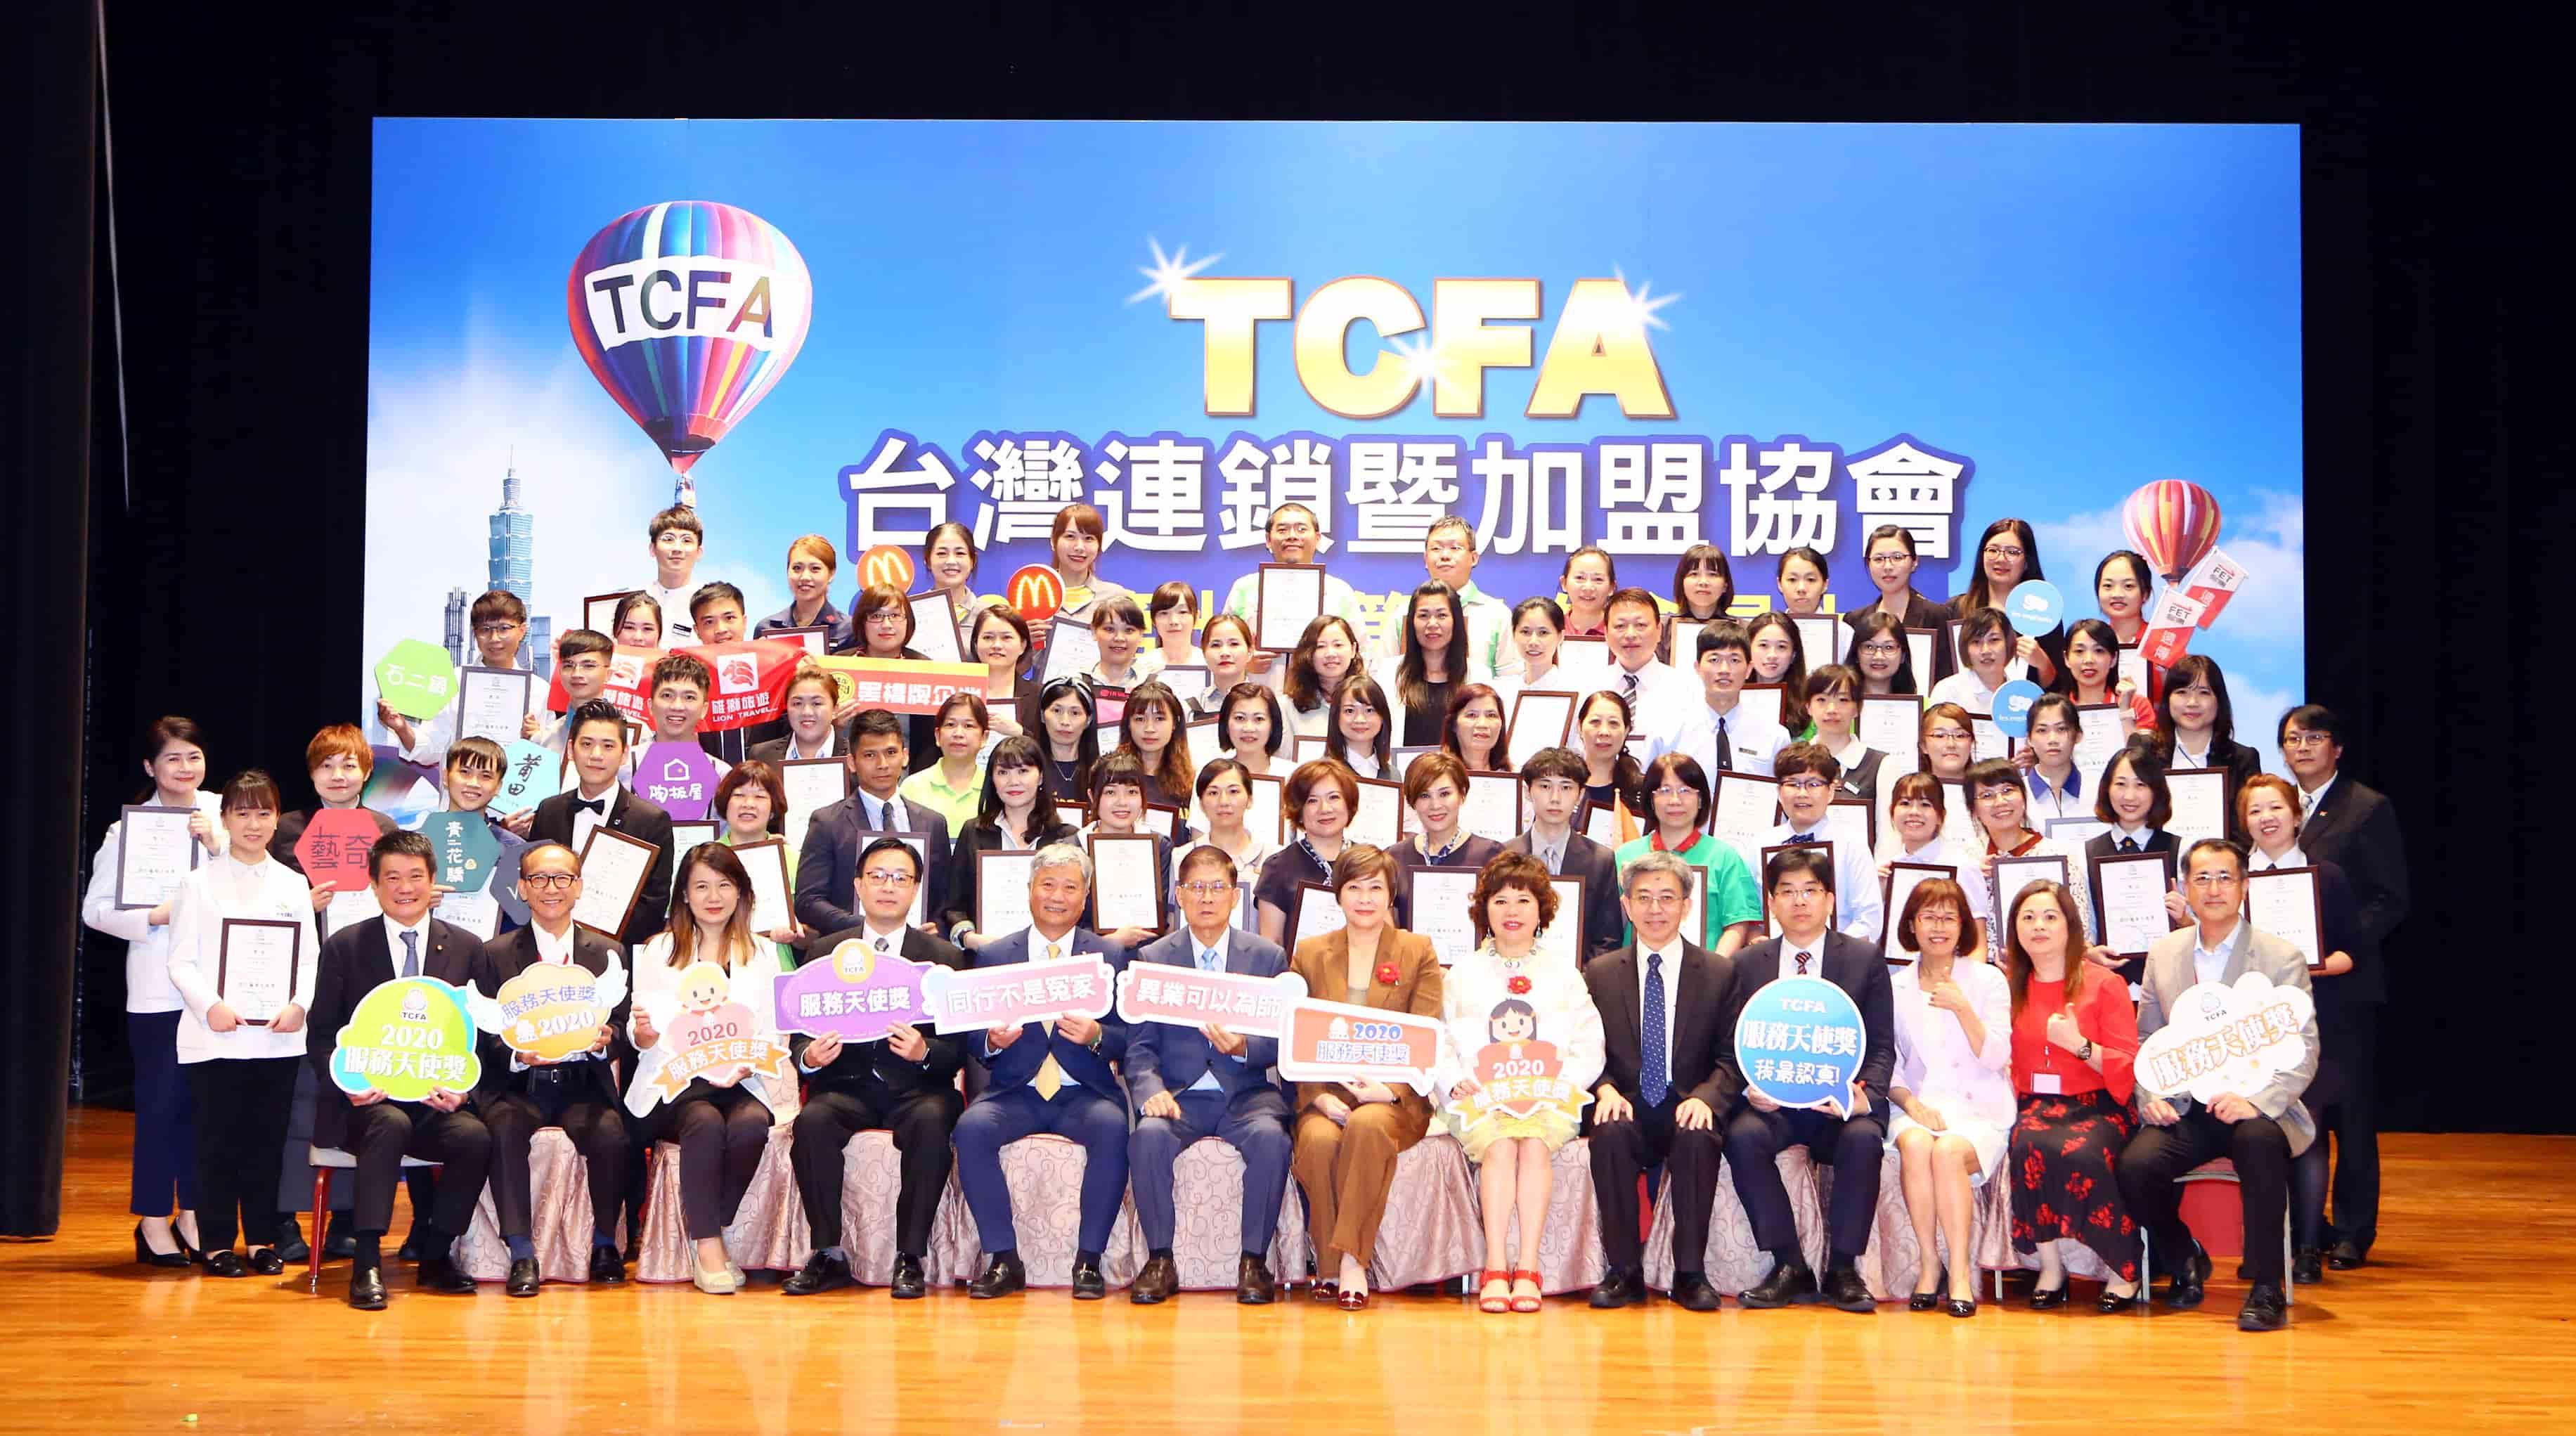 以消費者體驗為中心 做有溫度的感動服務 歐德傢俱、優渥實木 獲2020「TCFA服務天使獎」肯定